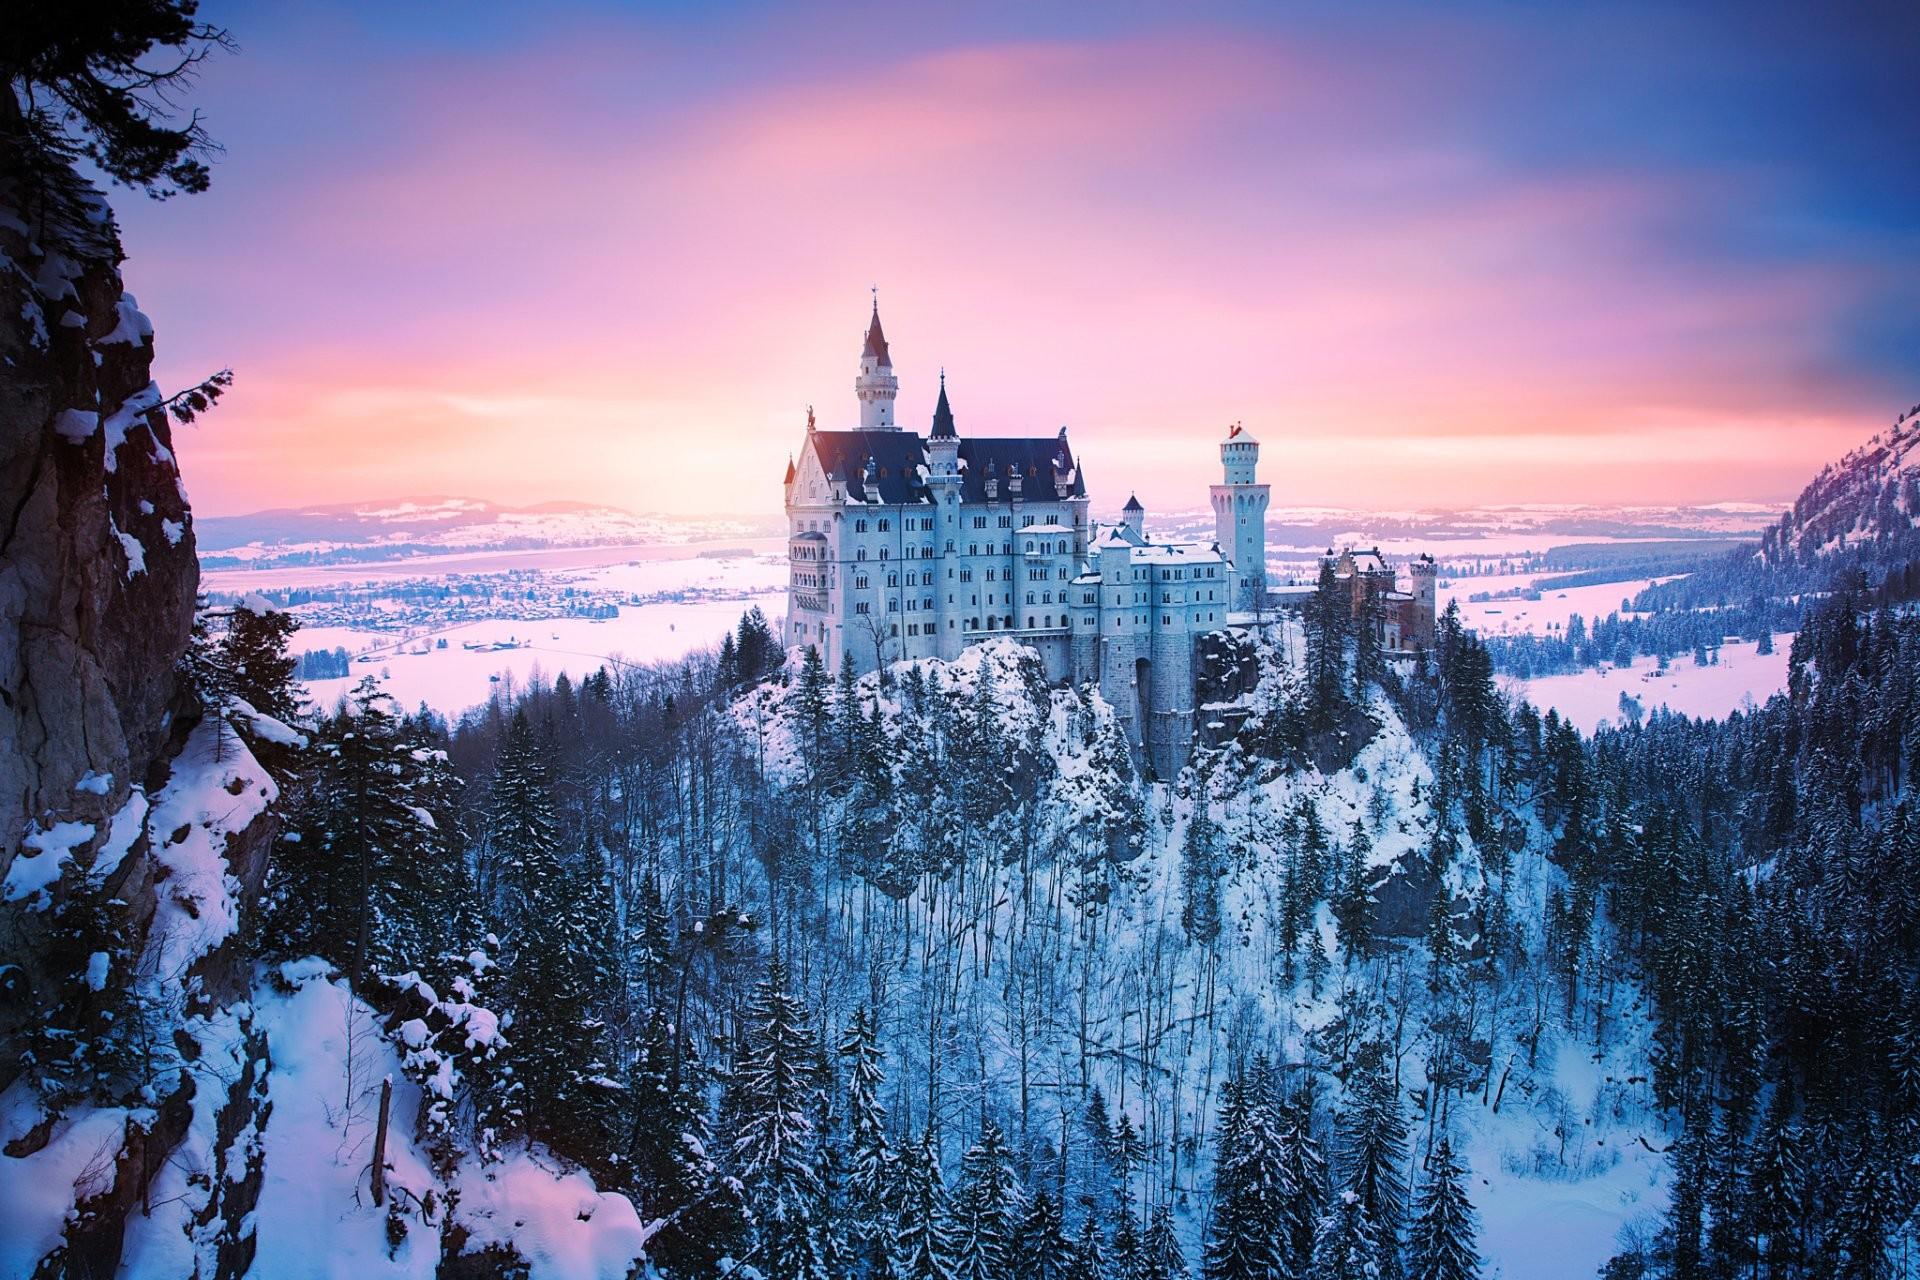 winter castle wallpaper 66 images